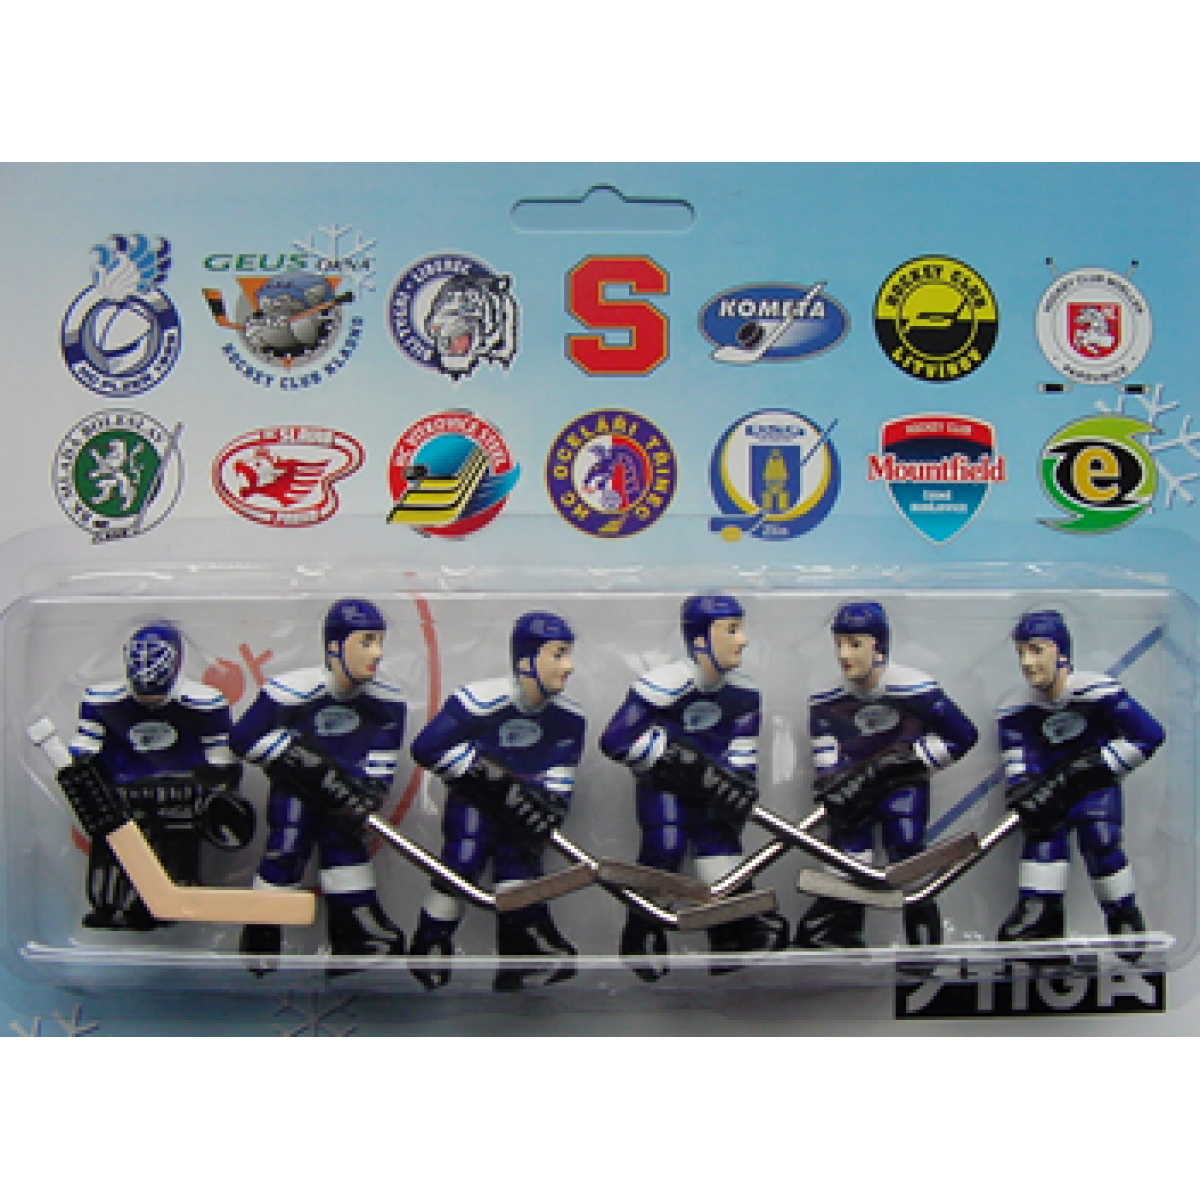 Stiga Výměnný hokejový tým Komety Brno